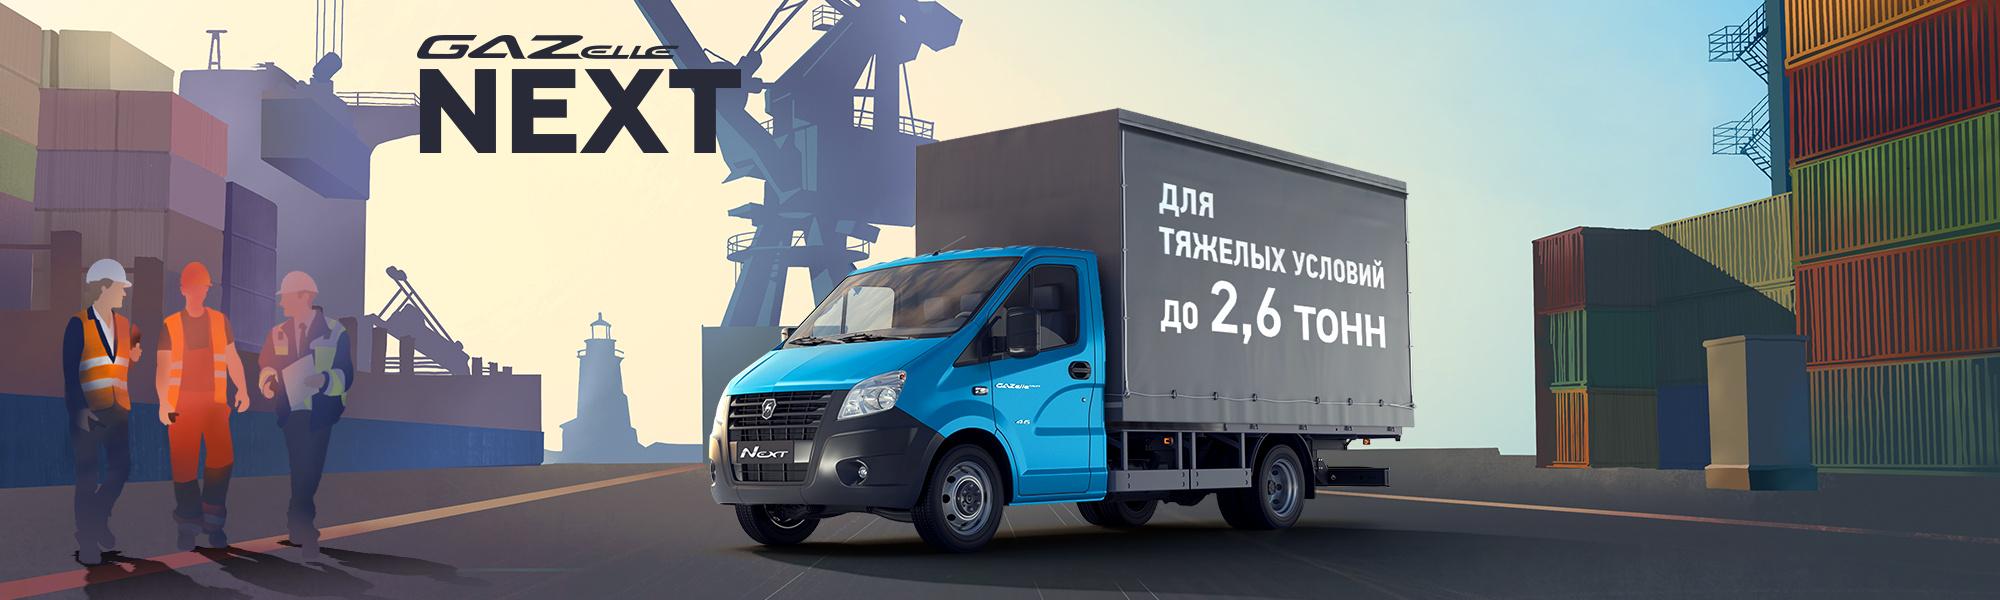 Спецпредложение Выгода до 313 000 ₽ при покупке ГАЗель Next Борт. Десктопное изображение